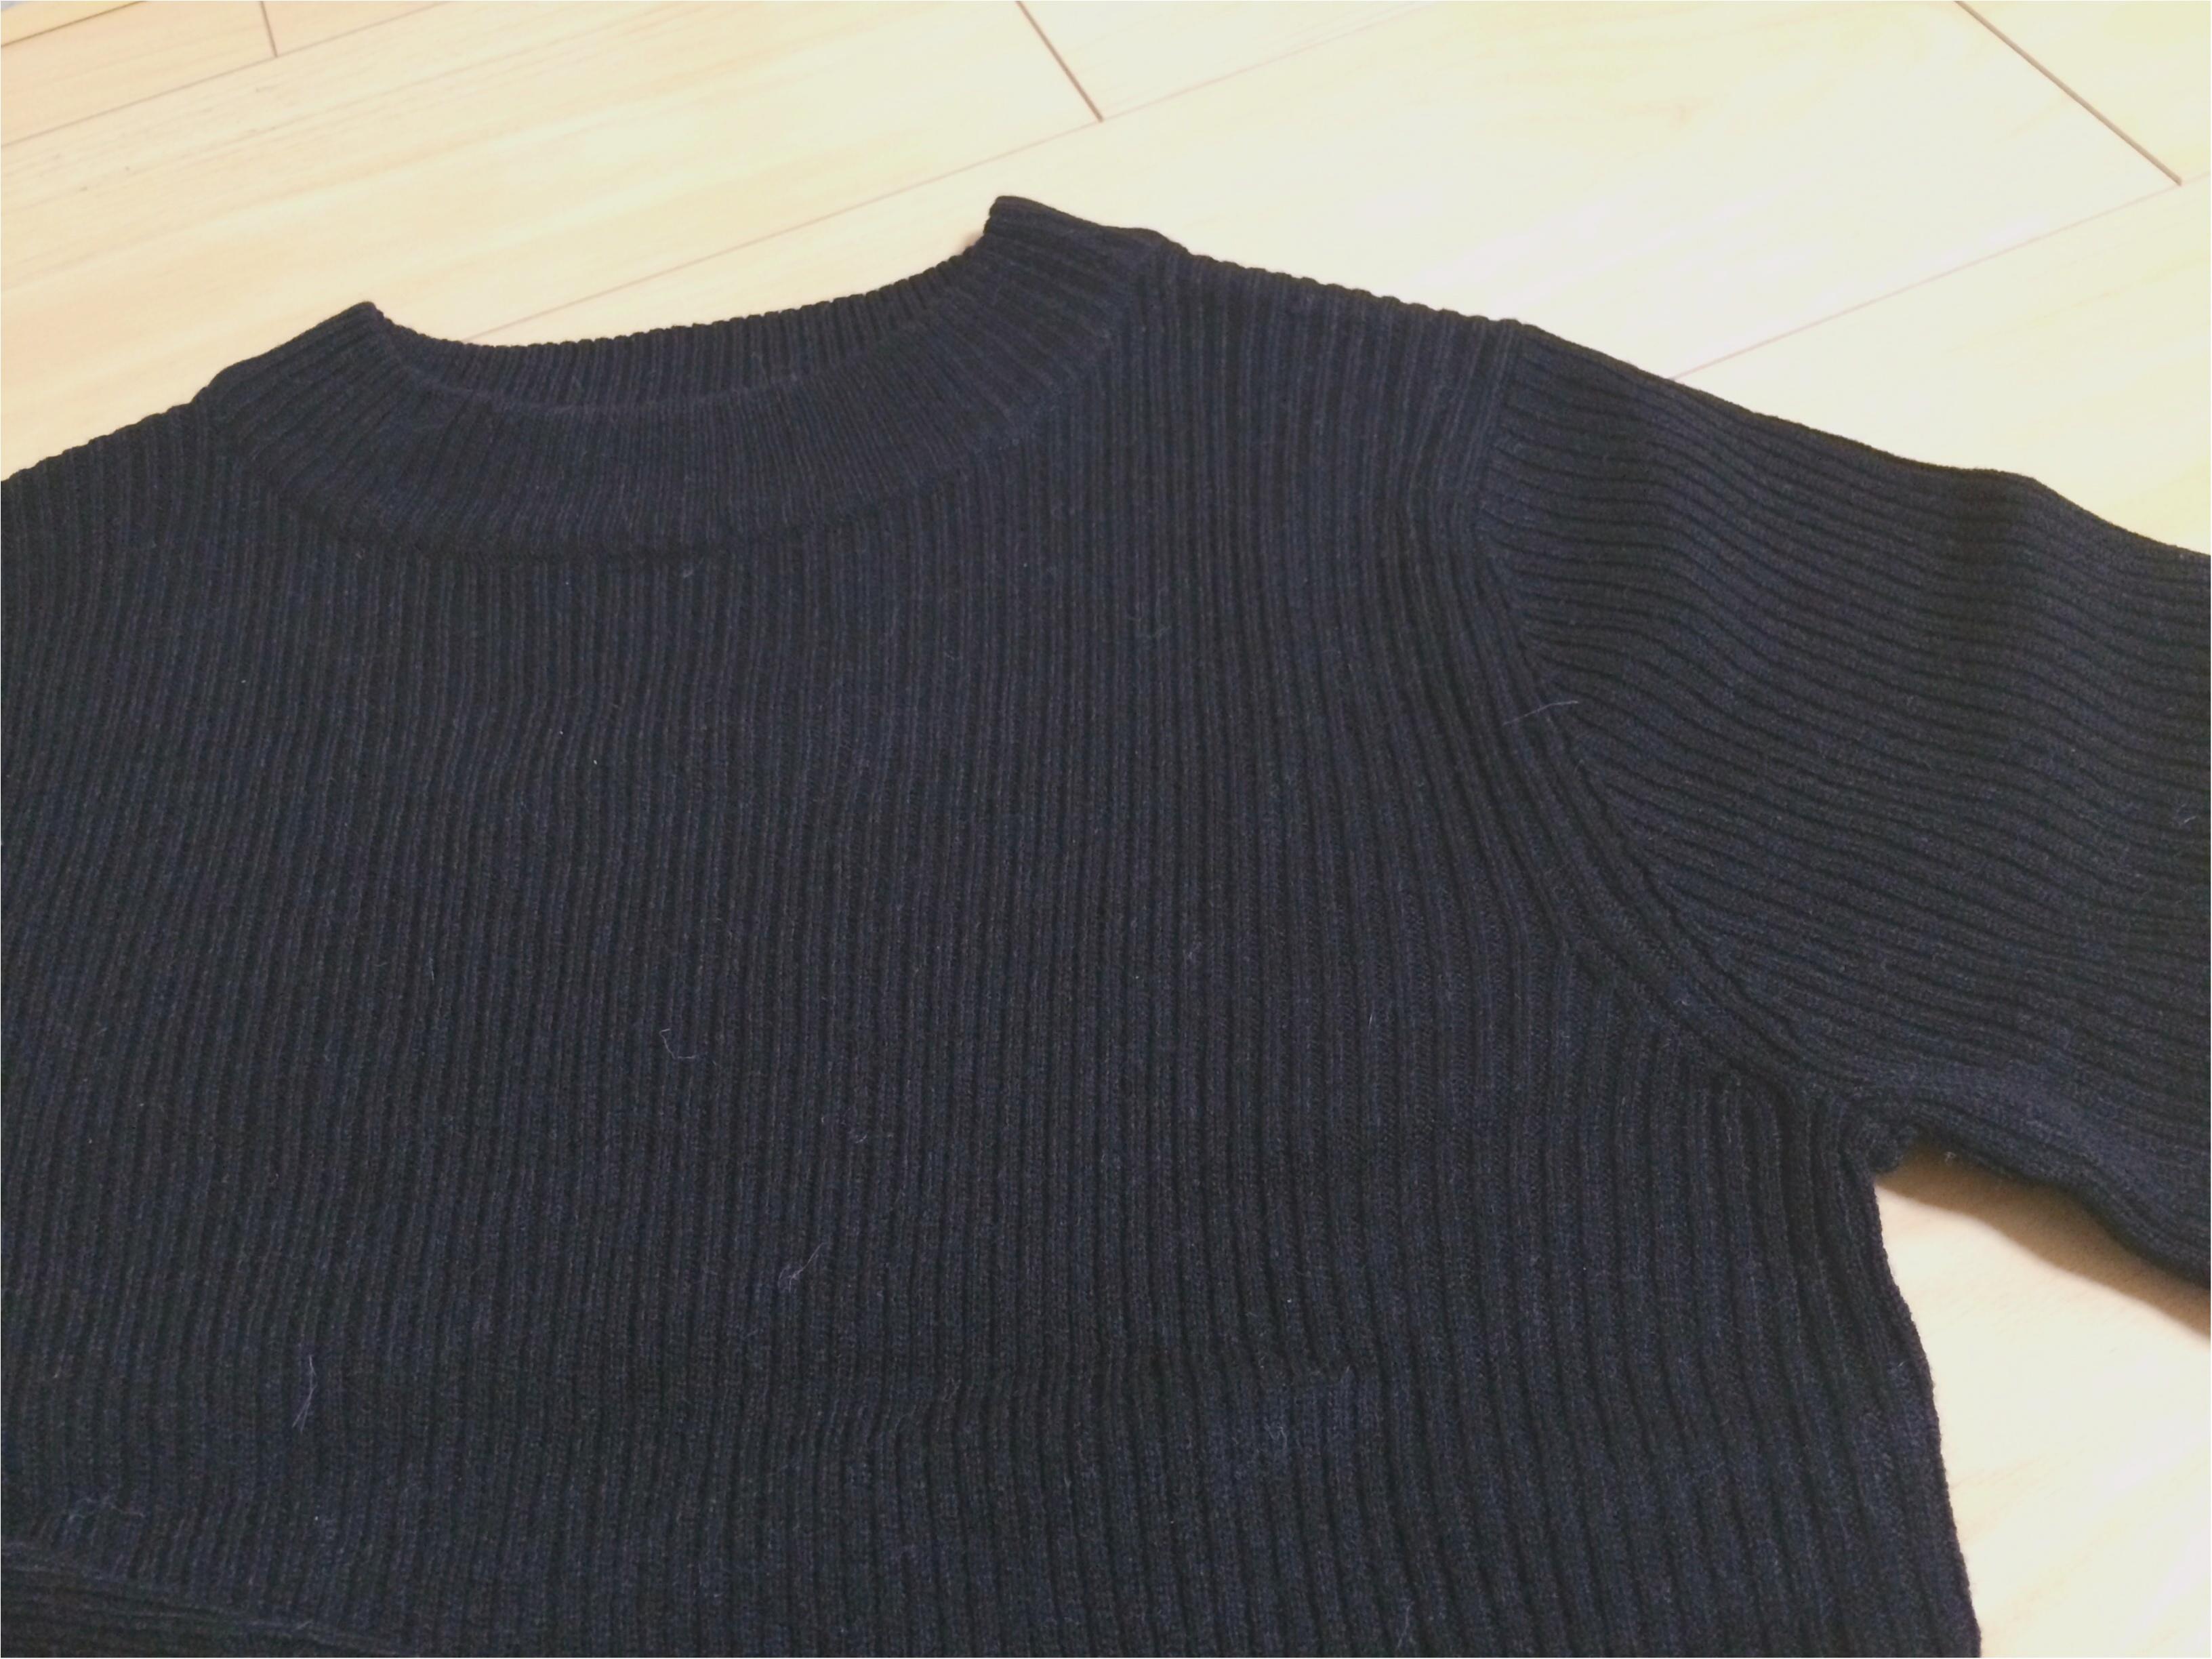 『冬コーデ、どっかに黒』GUなど、私が買い足した黒アイテム3つ!!_3